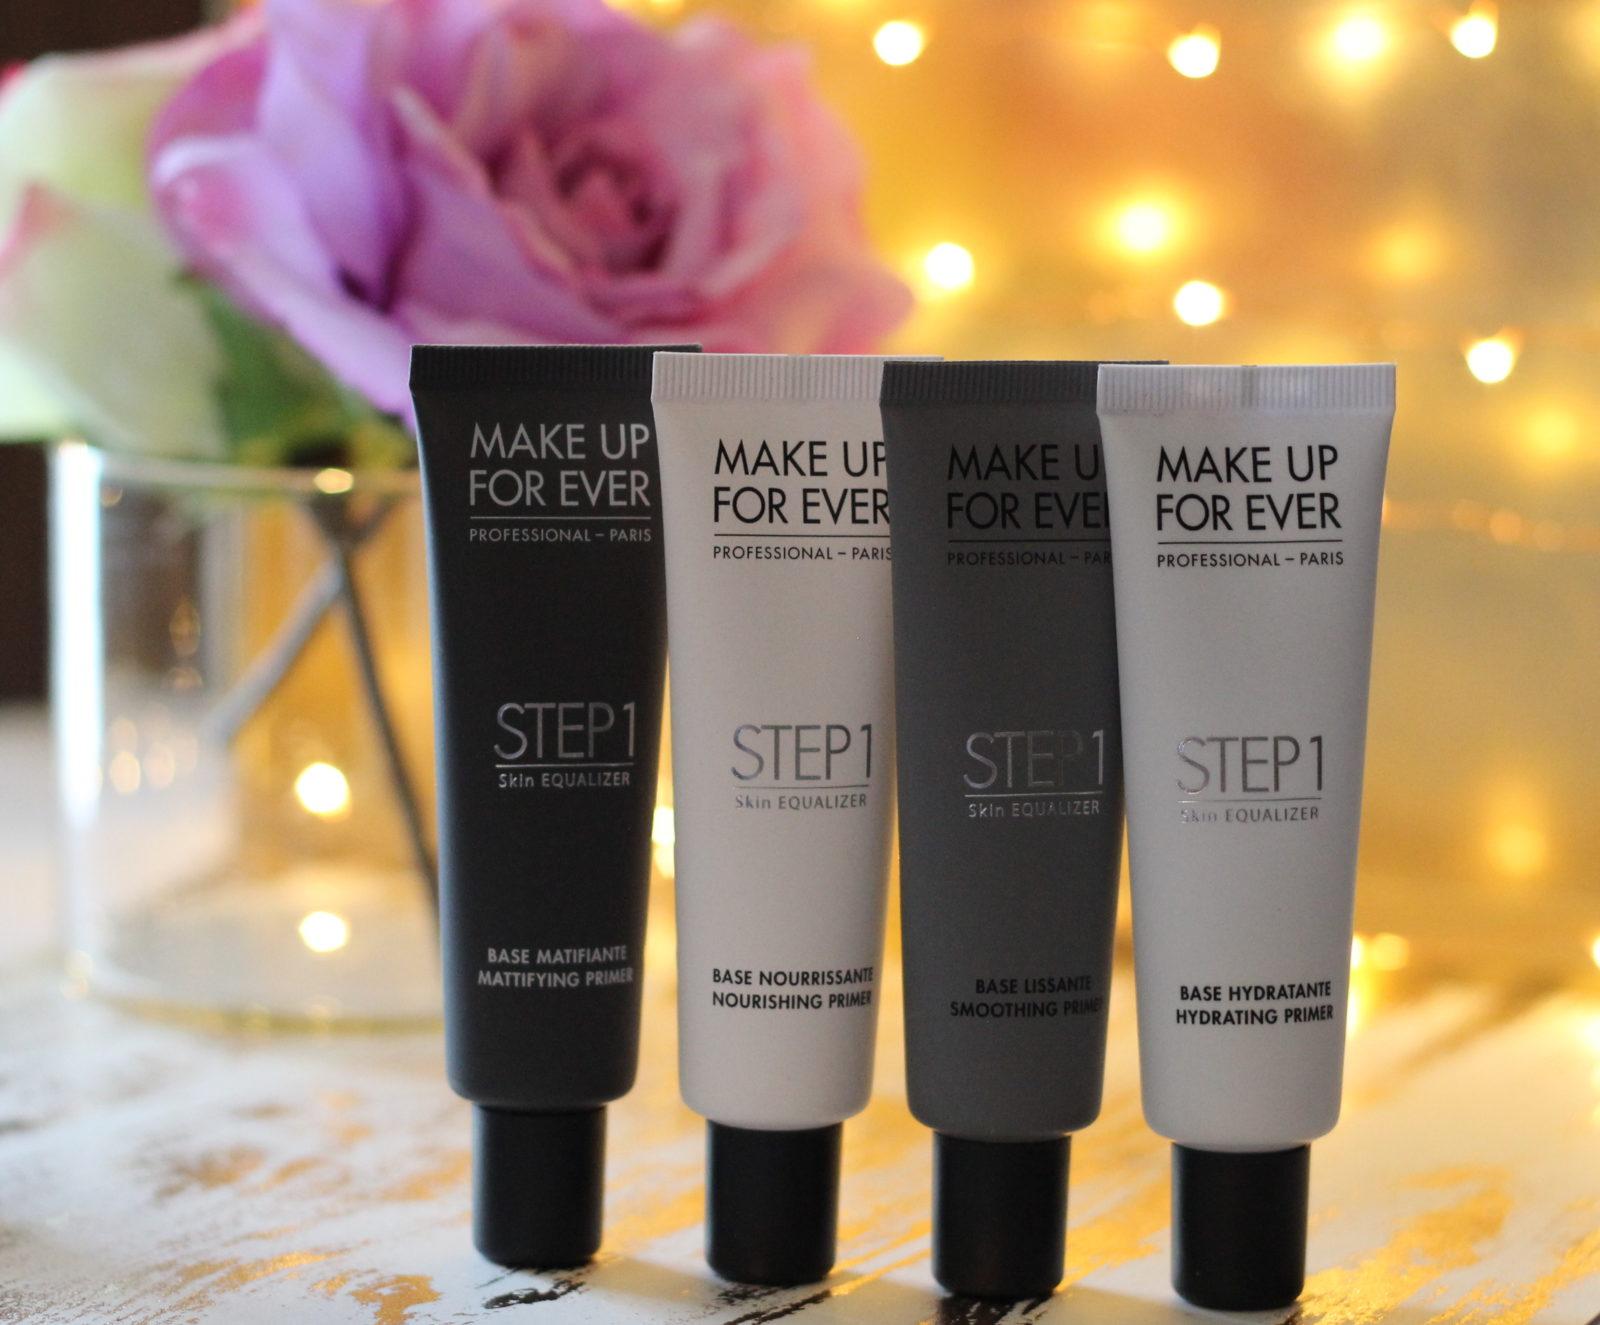 Makeup Forever Step 1 Primers